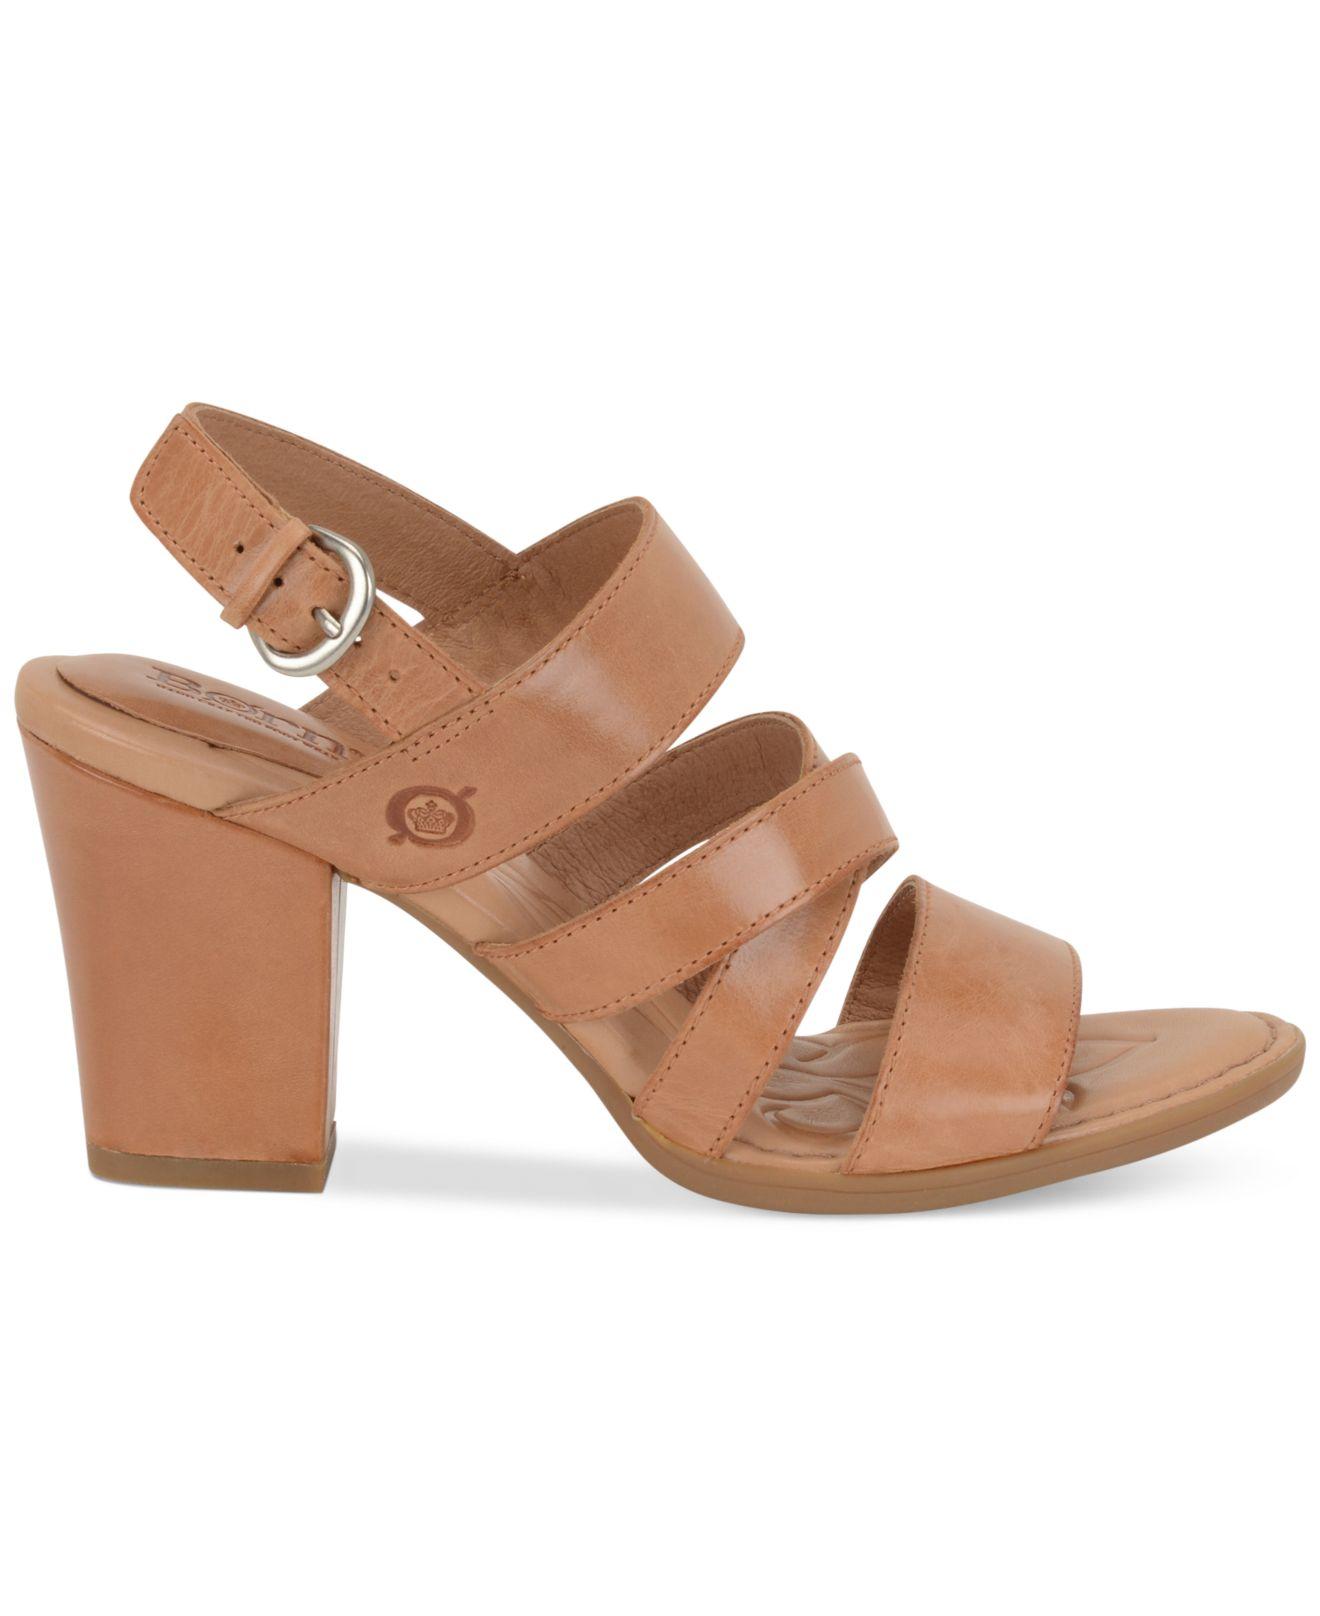 ae04dbc87af2 Lyst - Born Marylu Dress Sandals in Brown